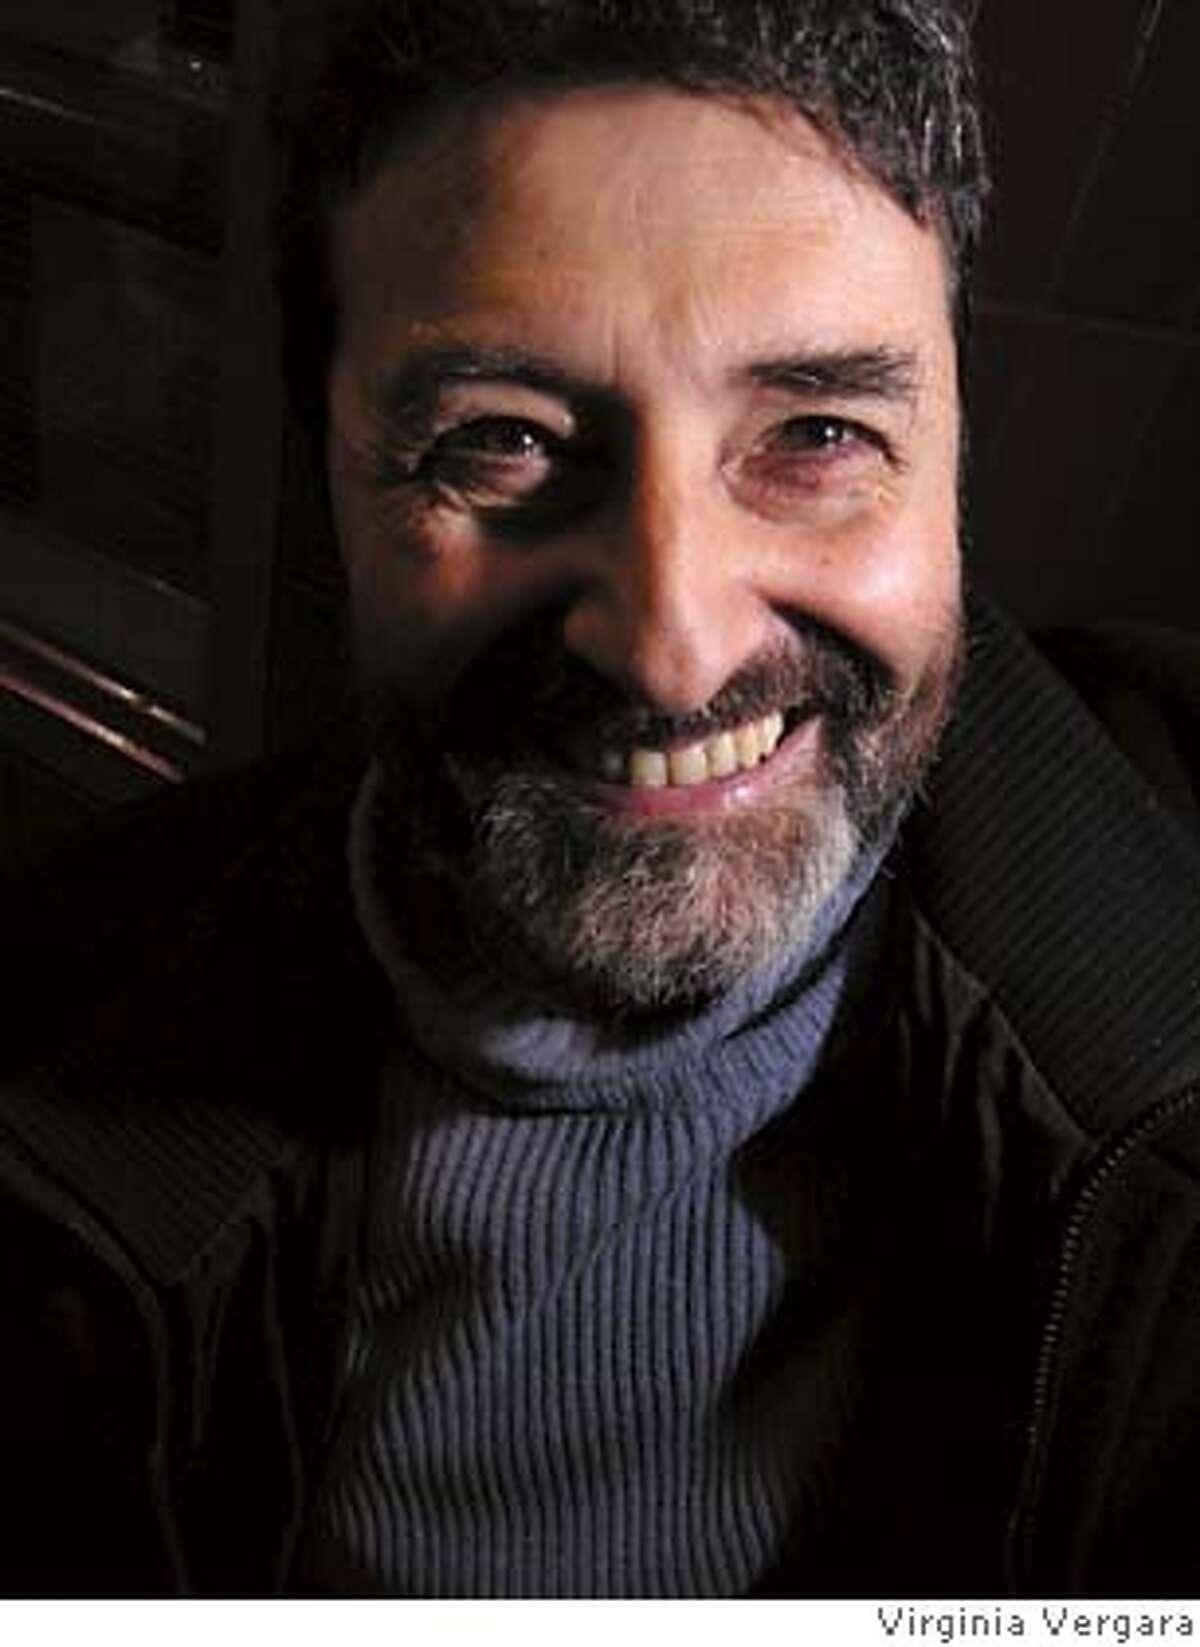 Photo of Camilo Jose Vergara. Photo by Virginia Vergara